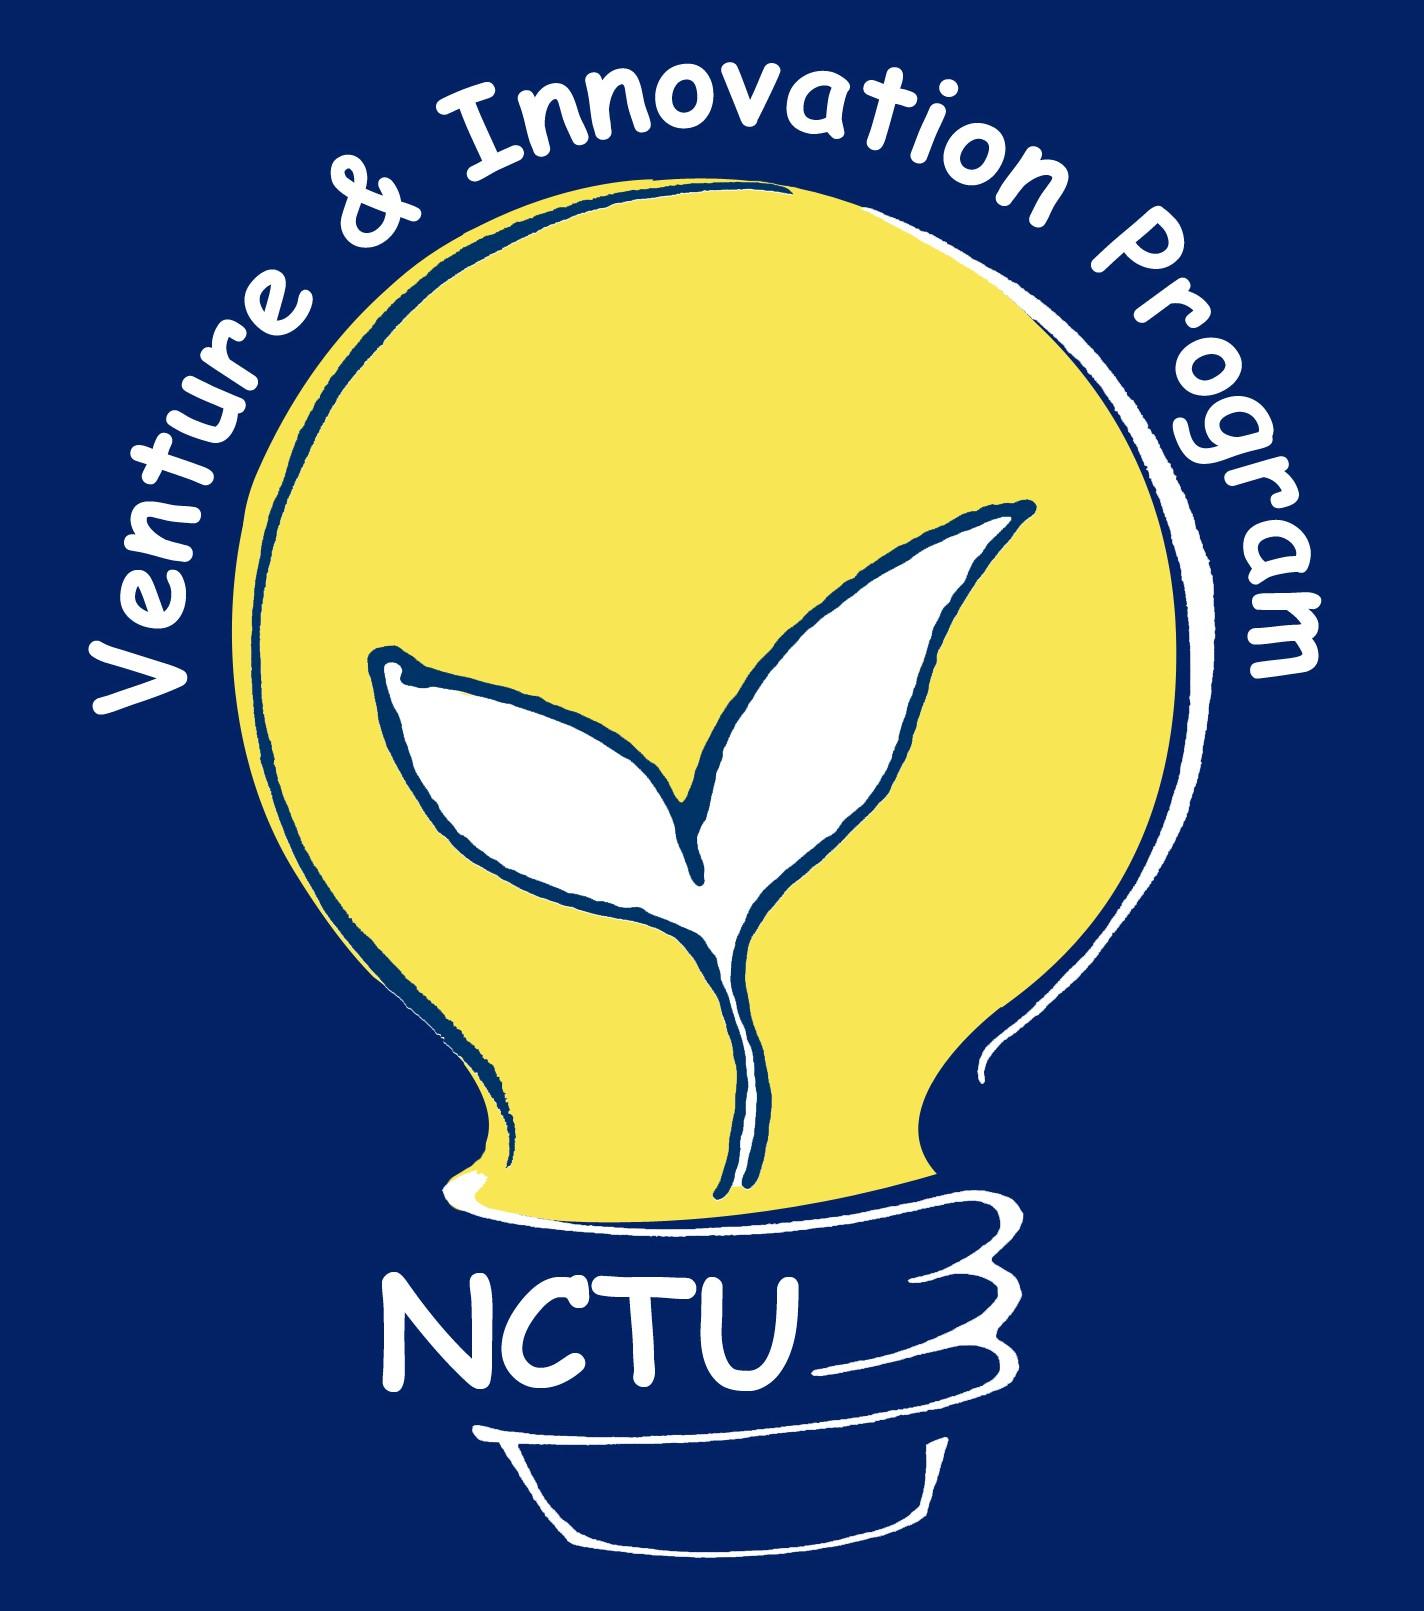 創業與創新學程FB